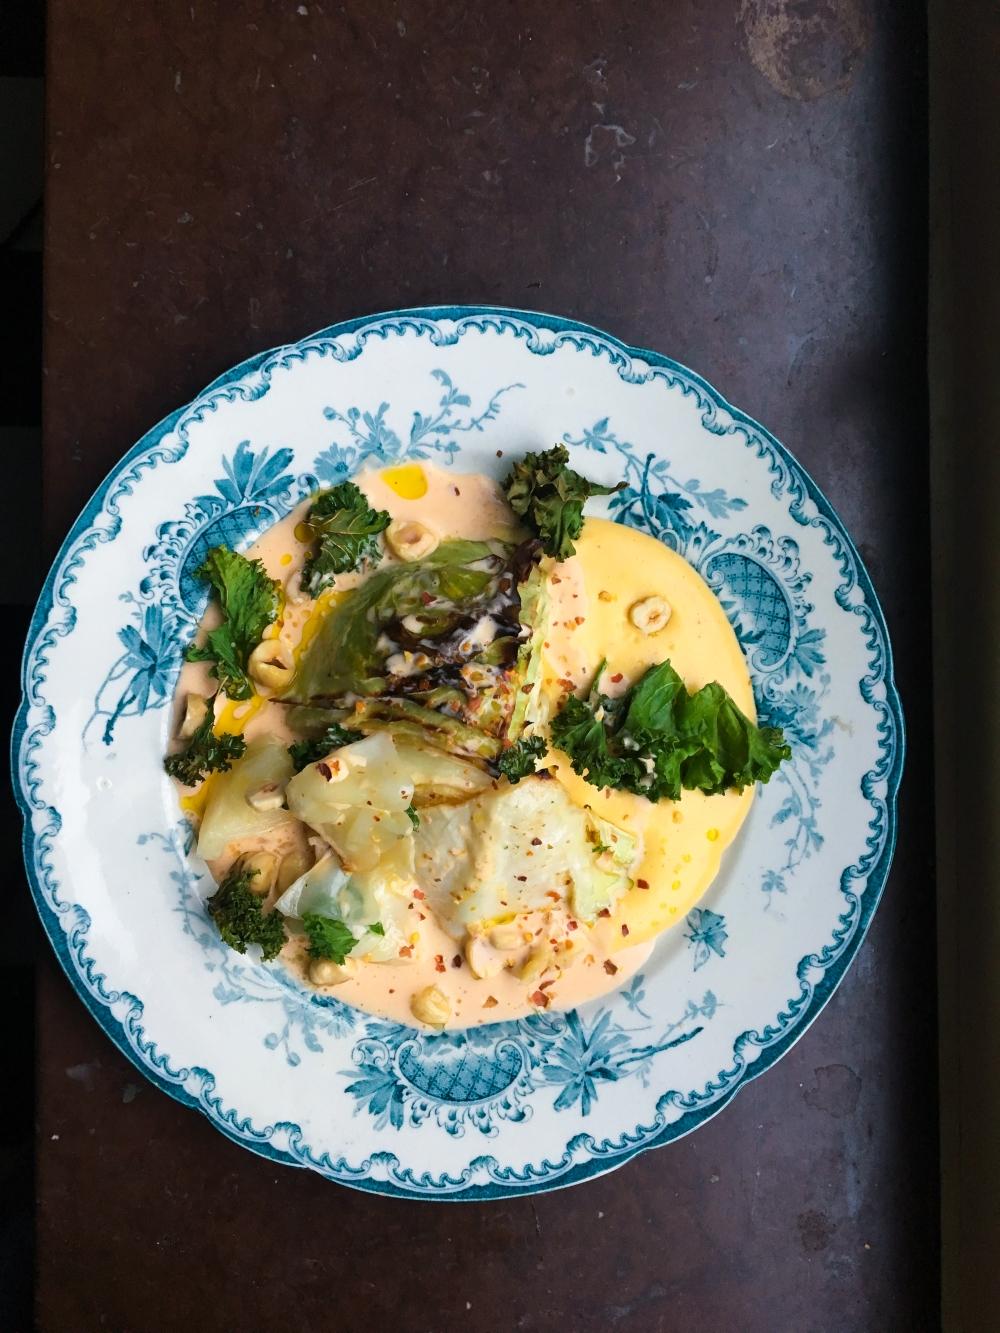 smörbakad kål med äggkräm, harissagrädde, grönkålschips och hasselnötter